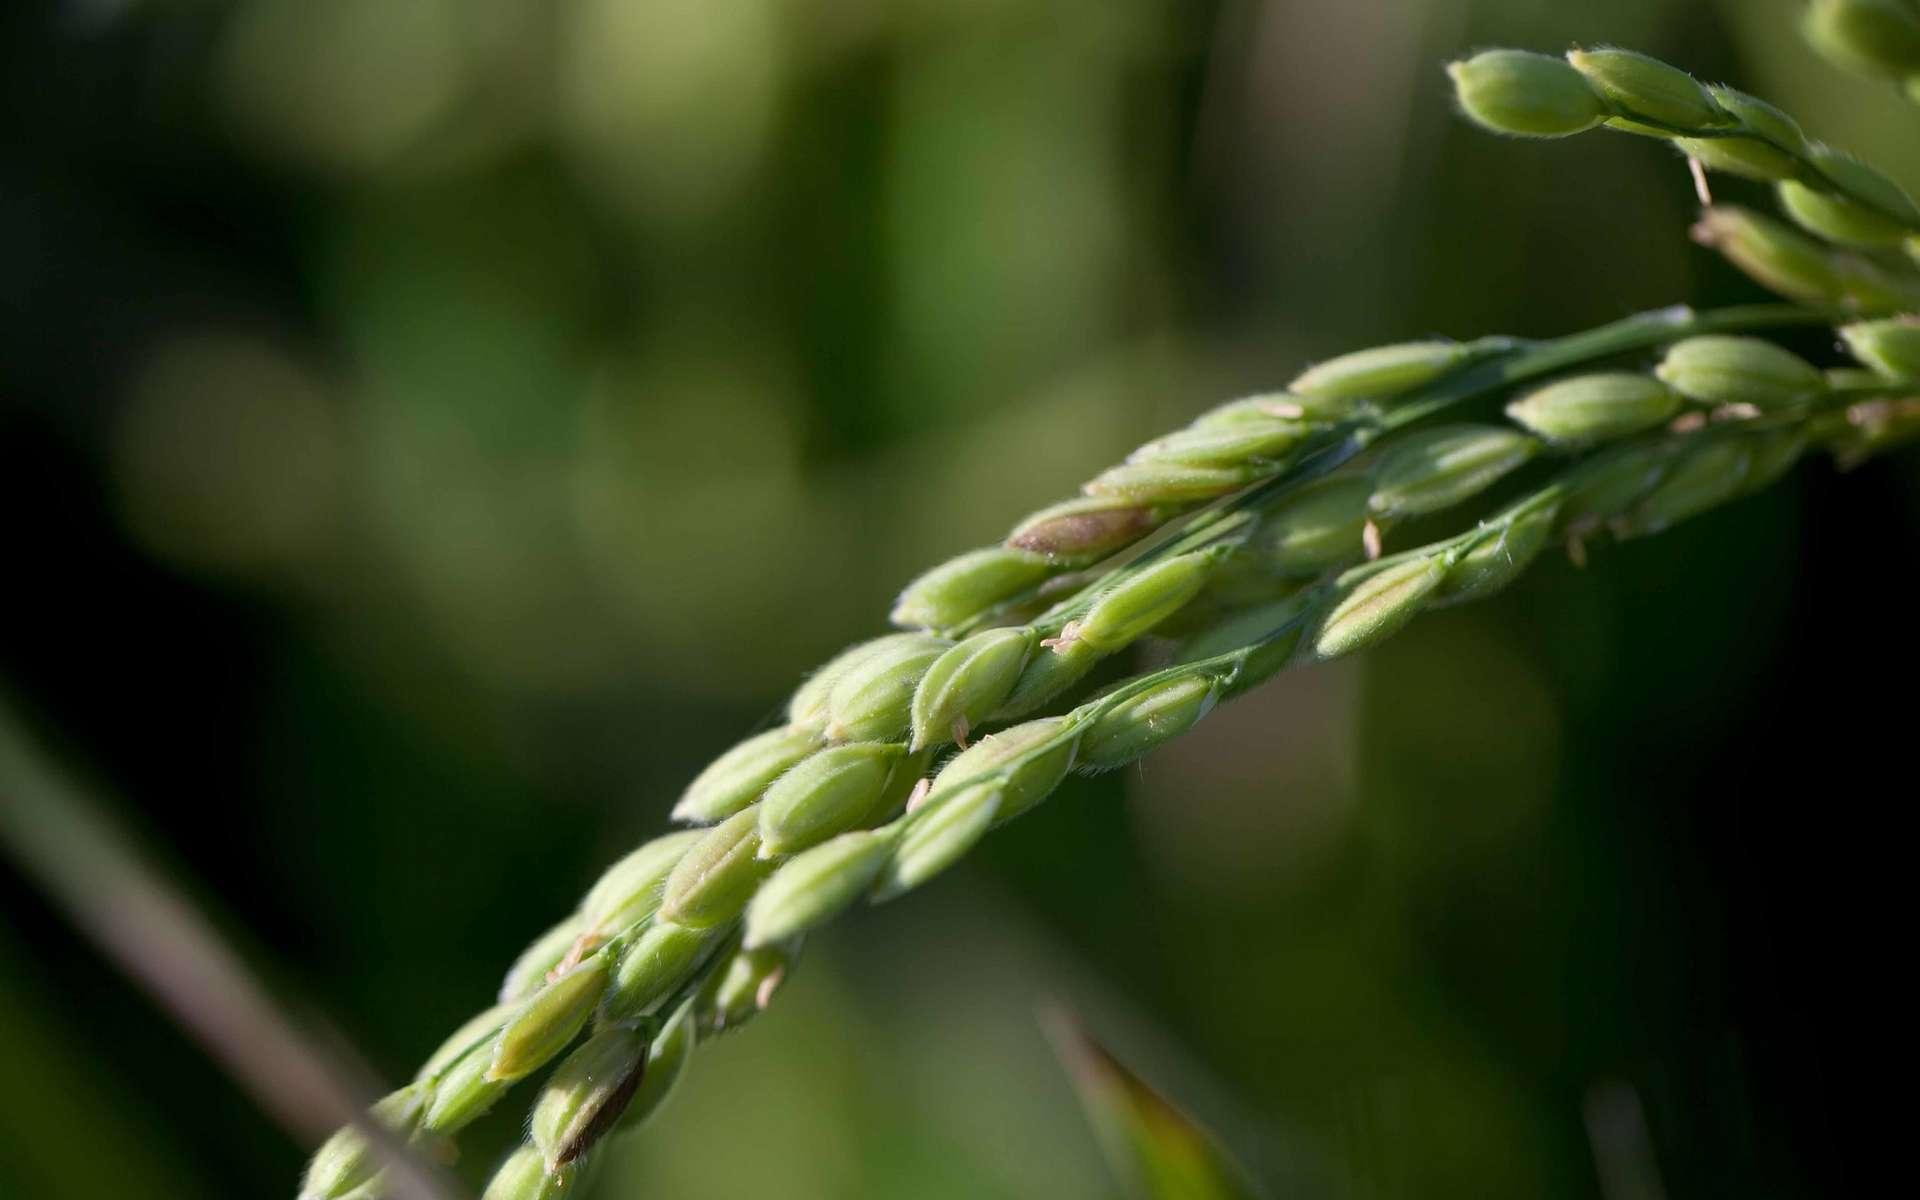 Le vaccin MucoRice-CTB est obtenu via du riz génétiquement modifié. © alcidesota, Flickr